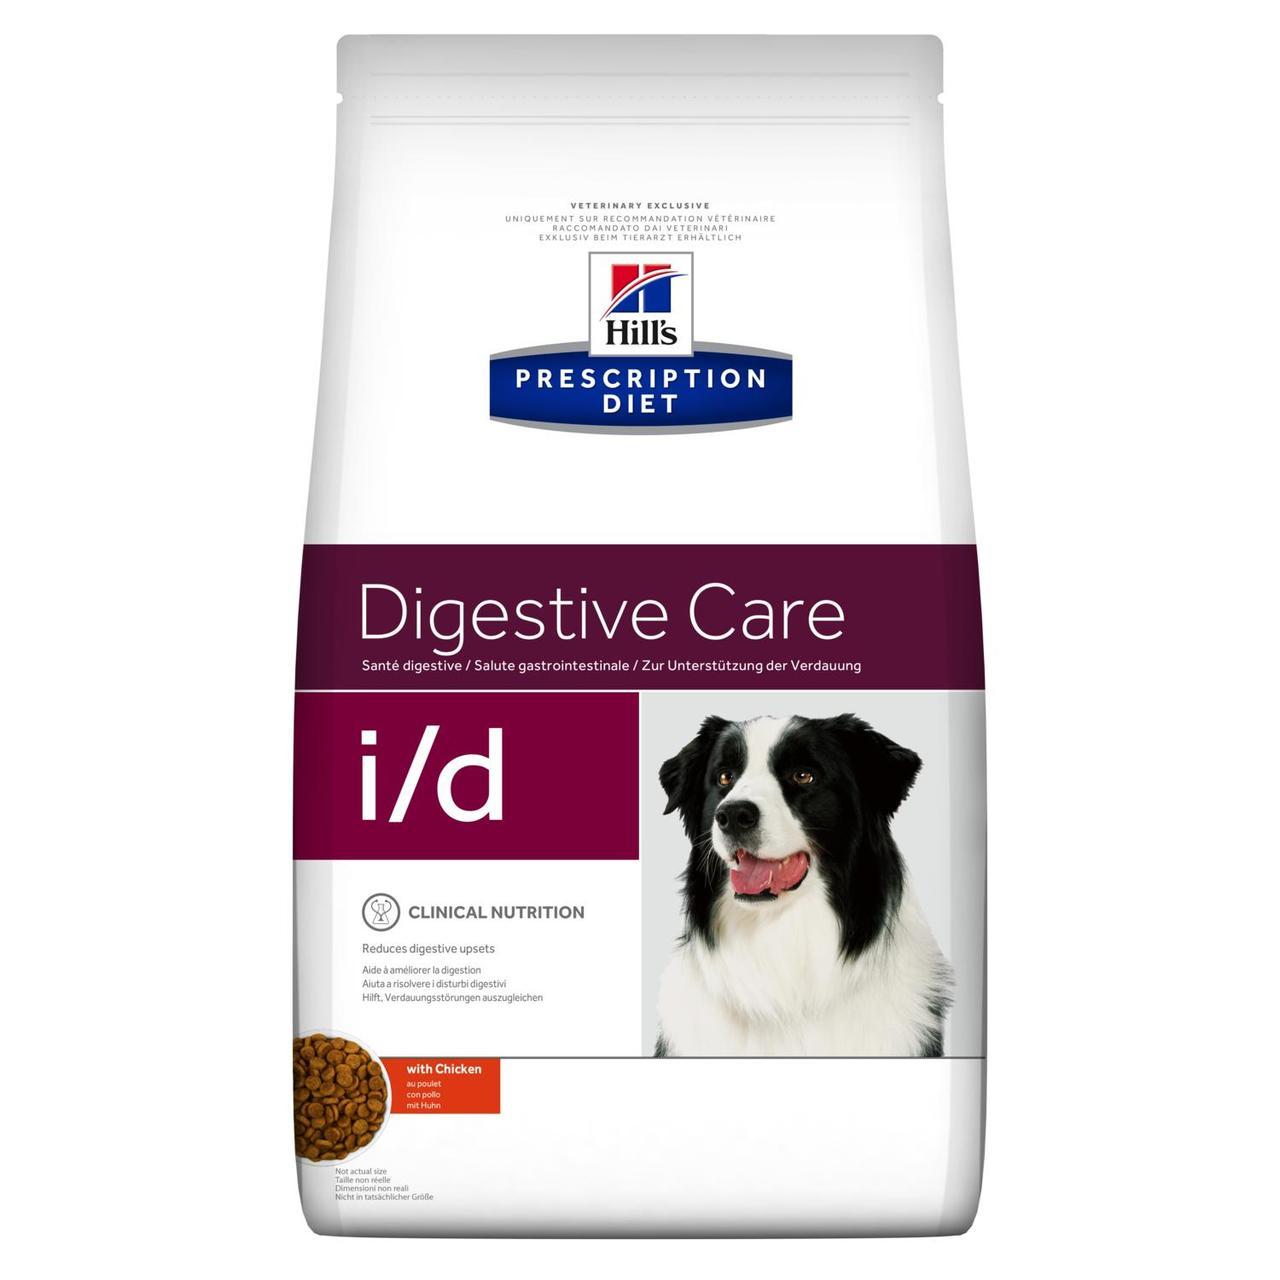 Сухой корм Hill's PRESCRIPTION DIET i/d для собак при расстройстве пищеварения, 5 кг